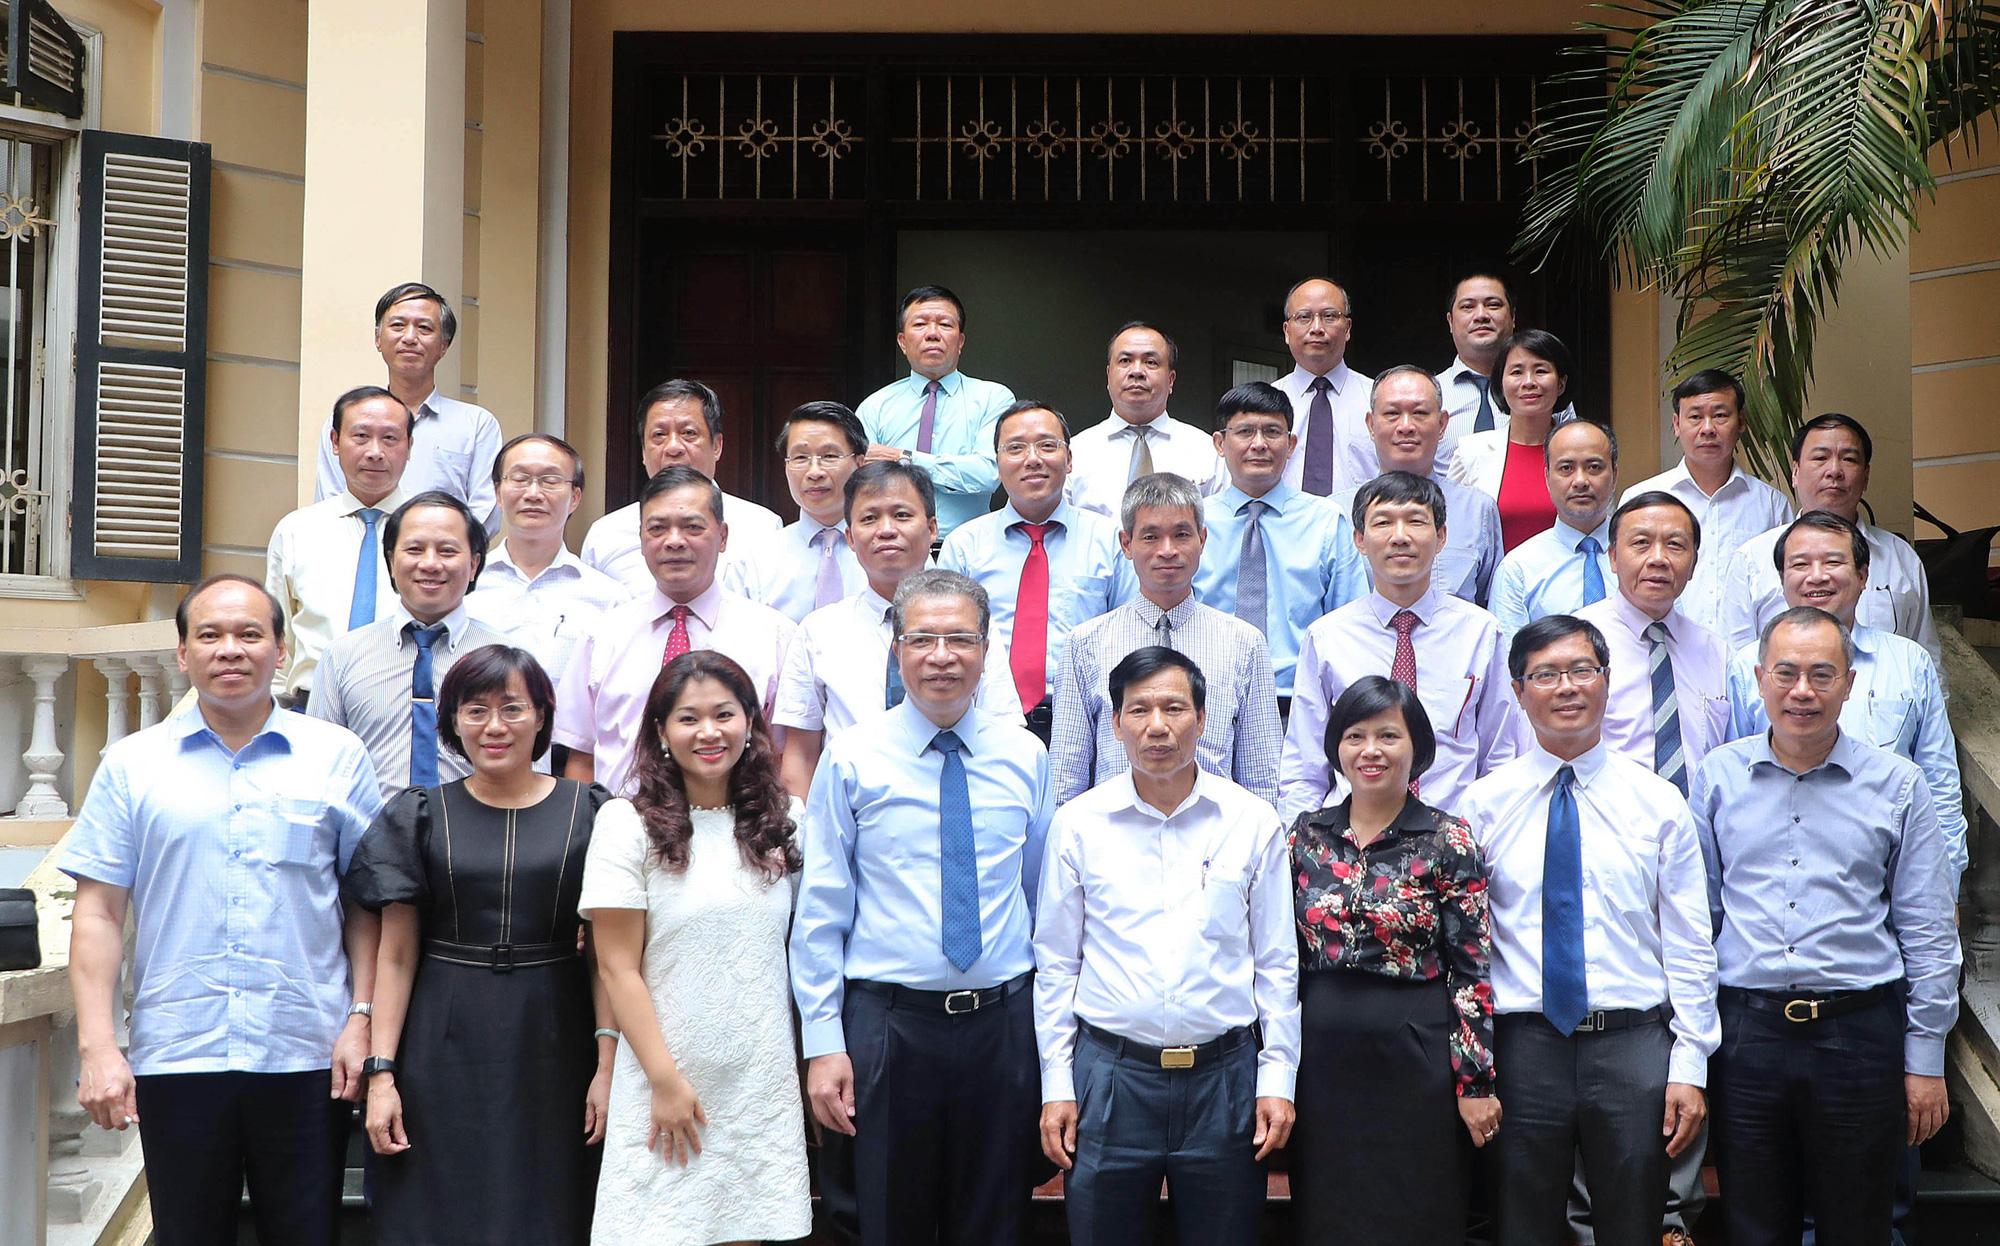 Bộ trưởng Nguyễn Ngọc Thiện gặp mặt Trưởng Cơ quan đại diện Việt Nam ở nước ngoài nhiệm kỳ 2020-2023 - Ảnh 7.